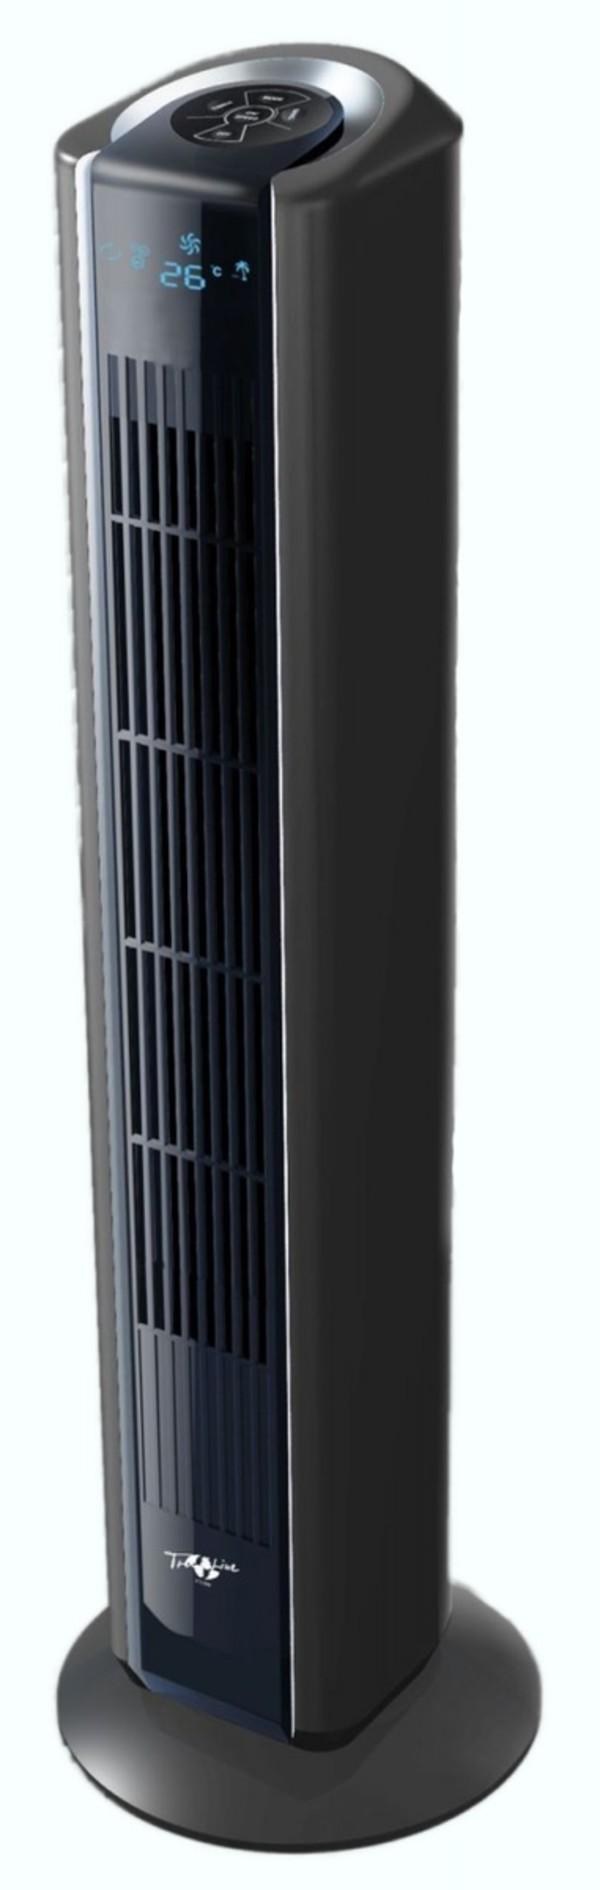 Primaster Towerventilator schwarz | B-Ware